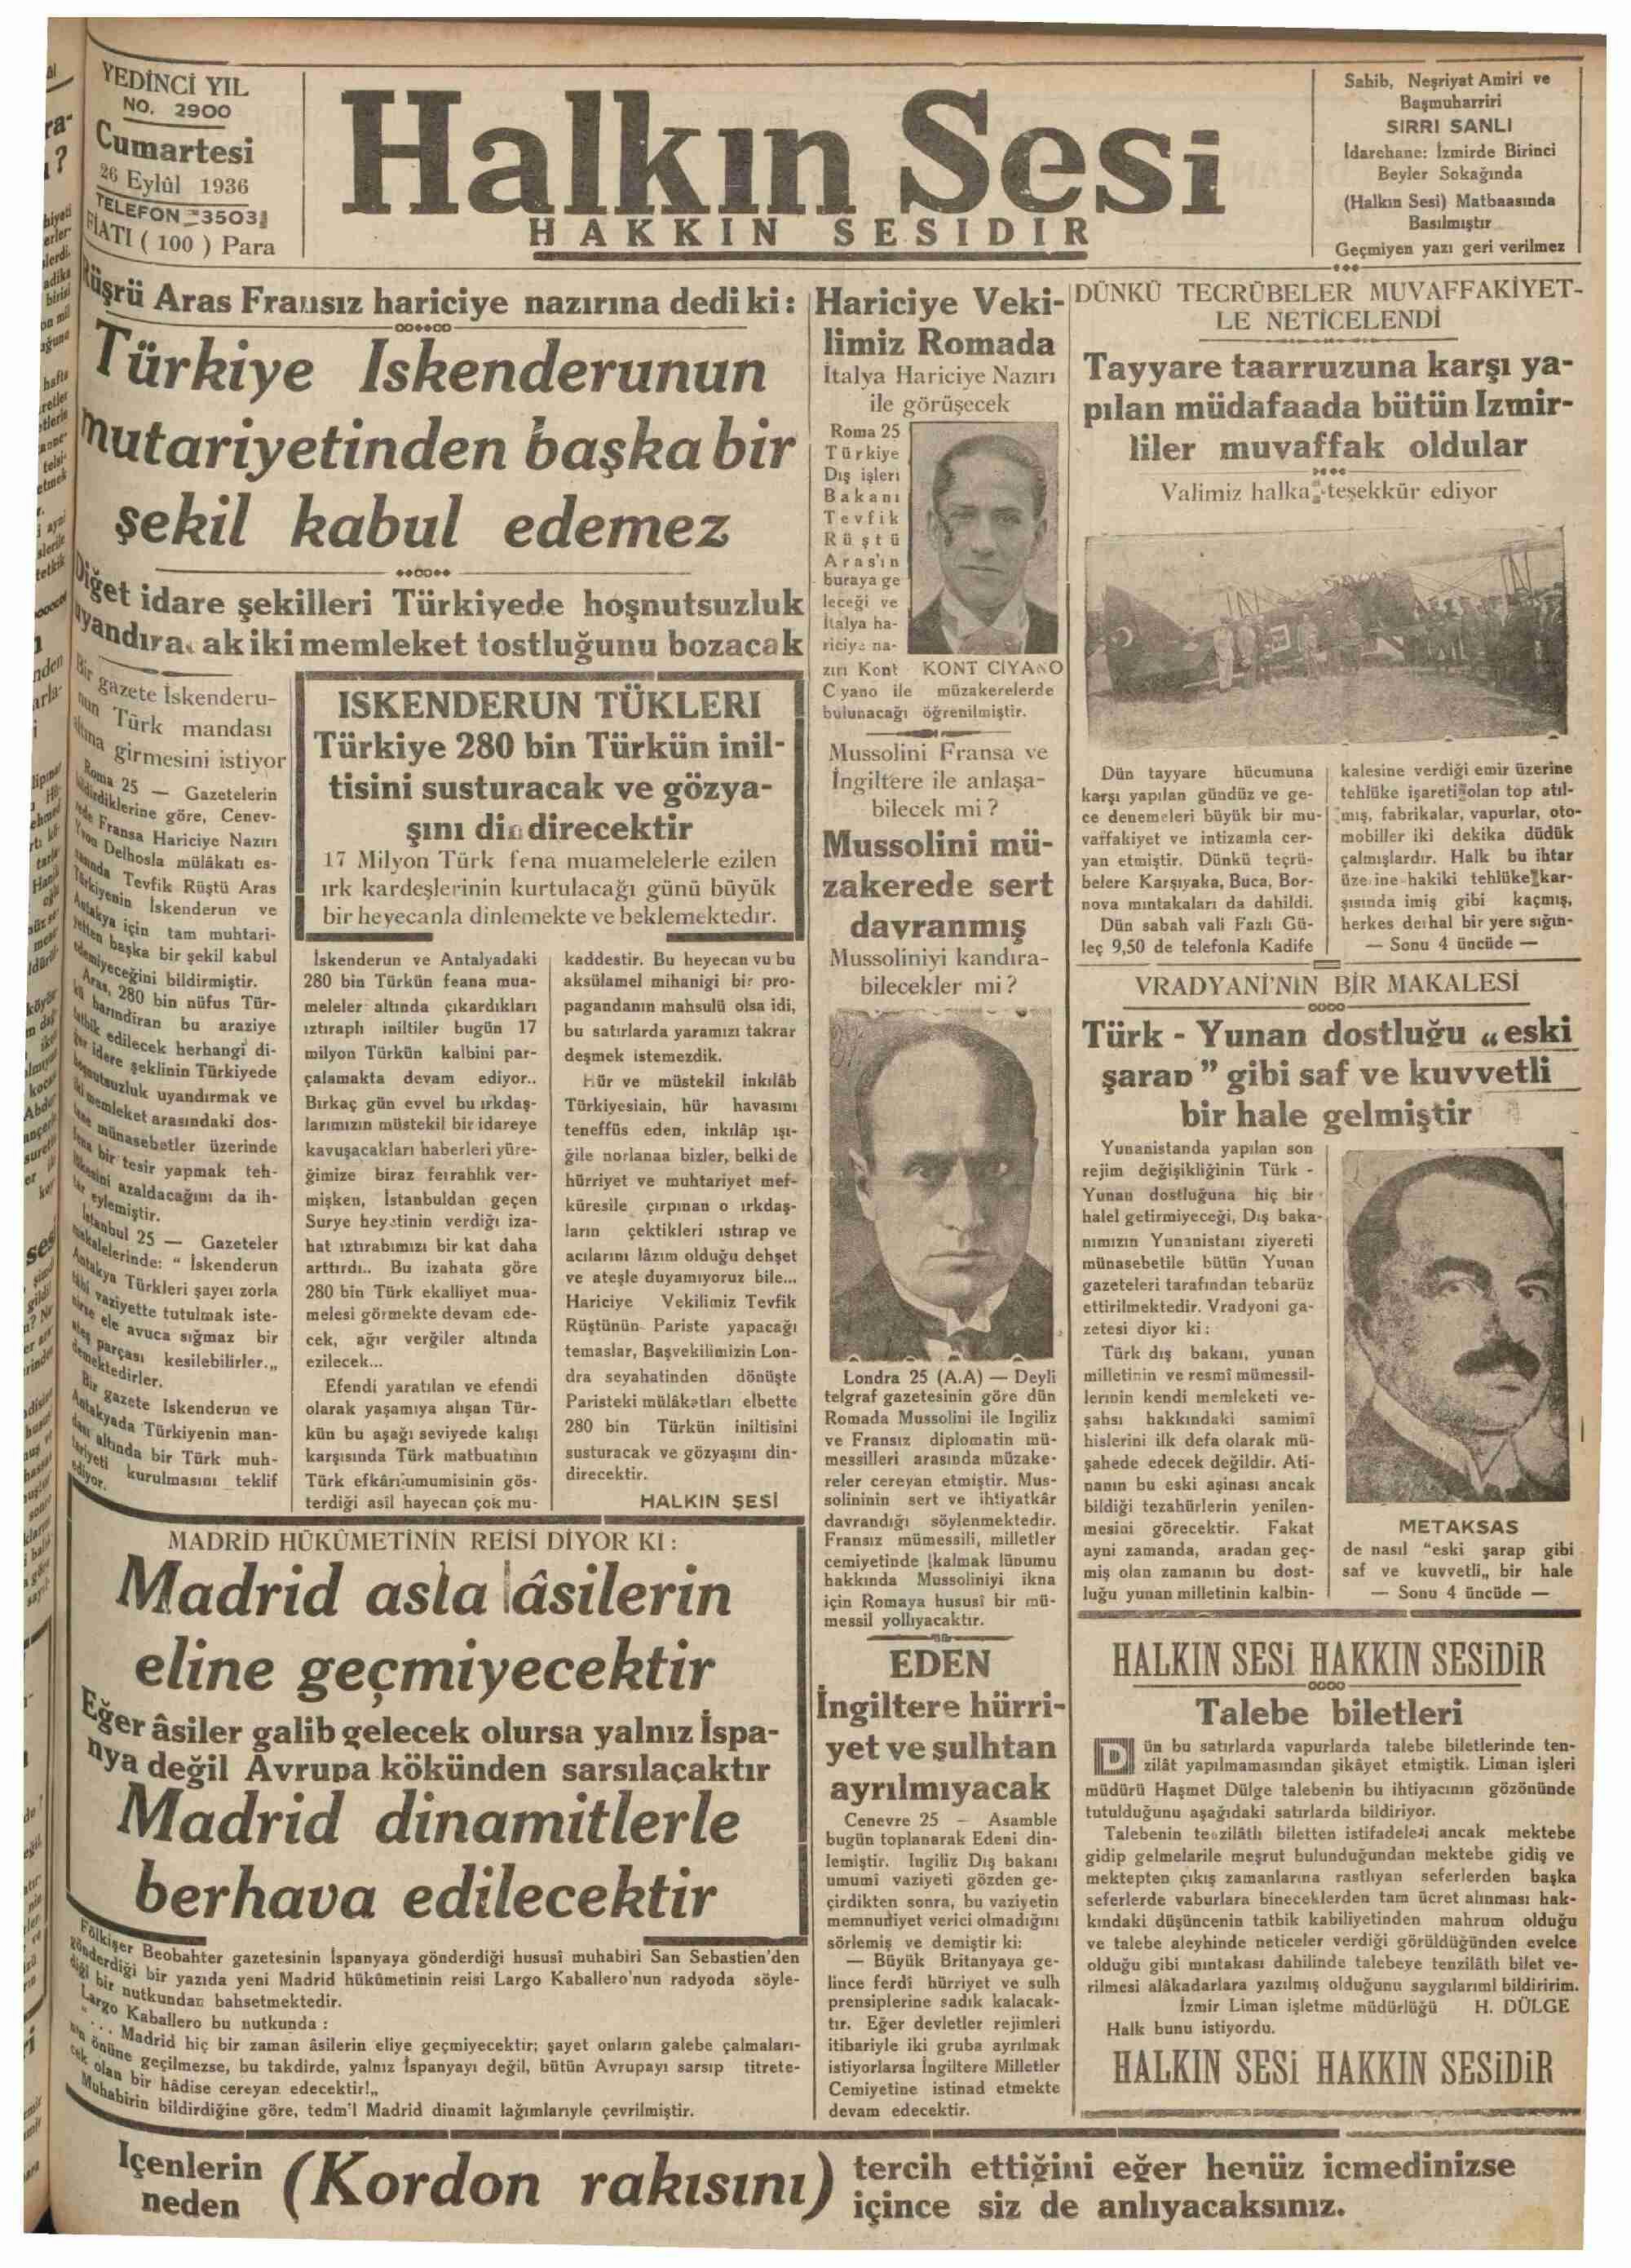 26 Eylül 1936 Tarihli Halkın Sesi Gazetesi Sayfa 1